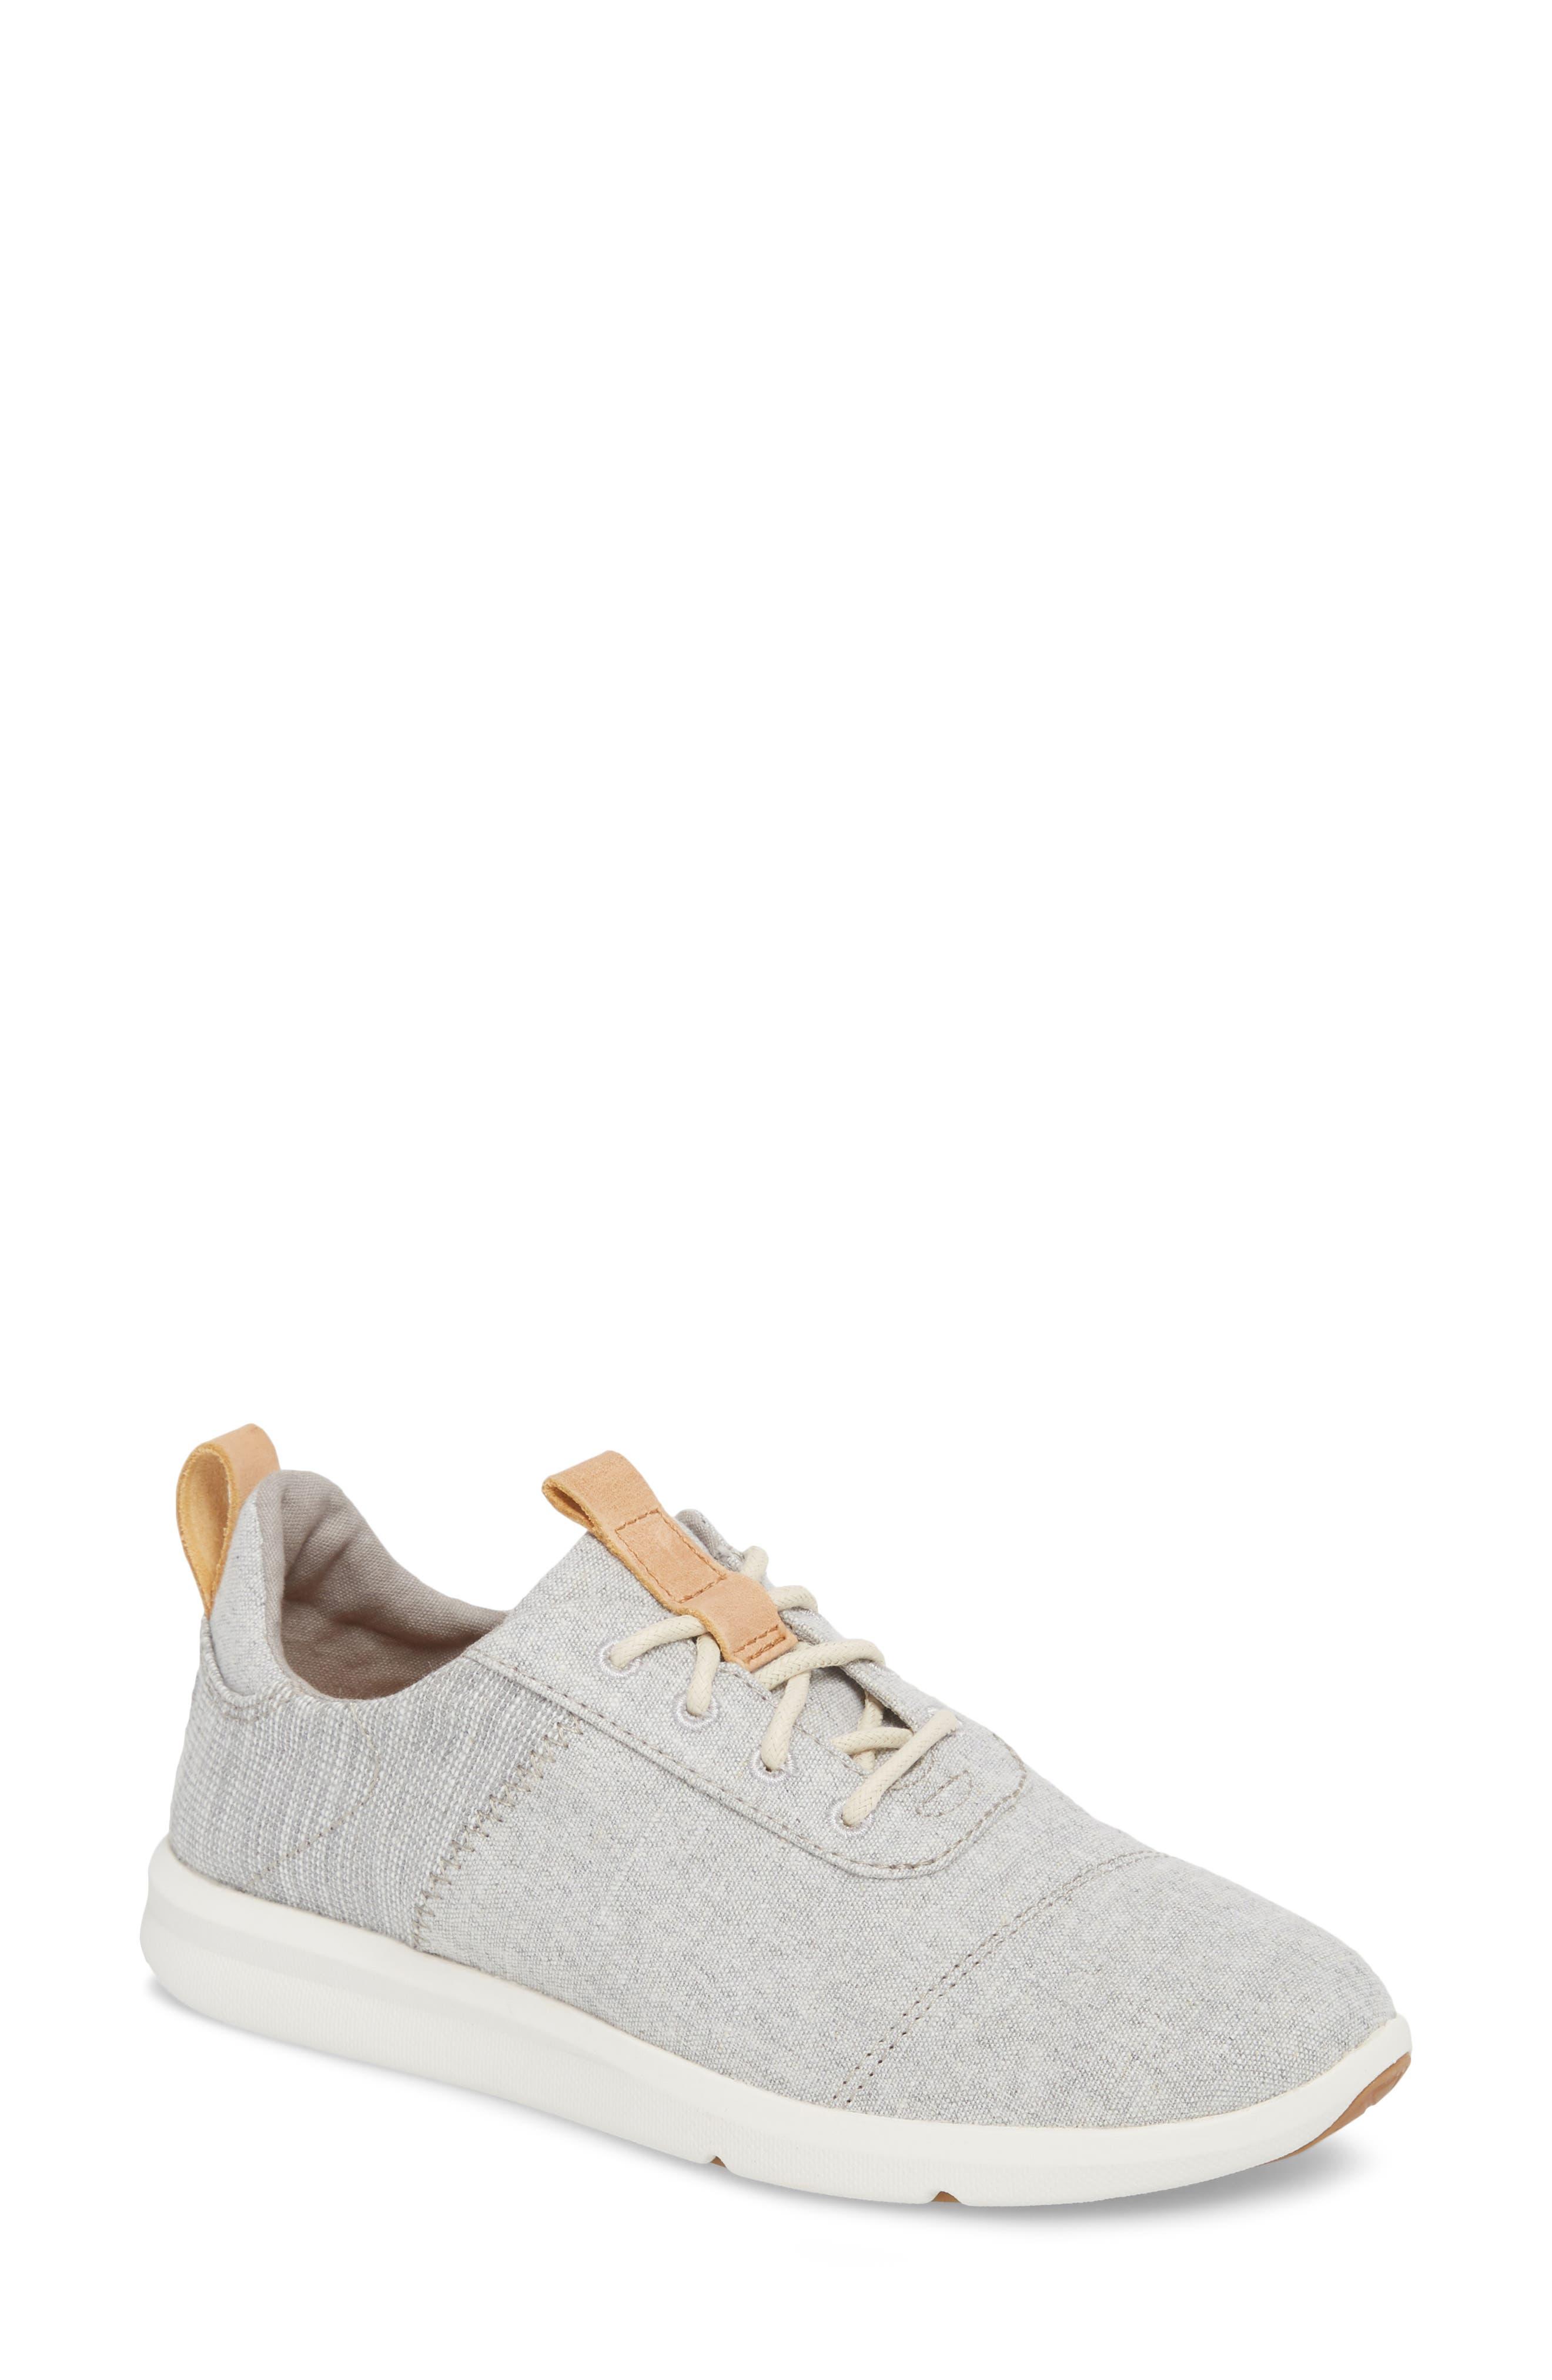 Toms Cabrillo Sneaker In Drizzle Grey